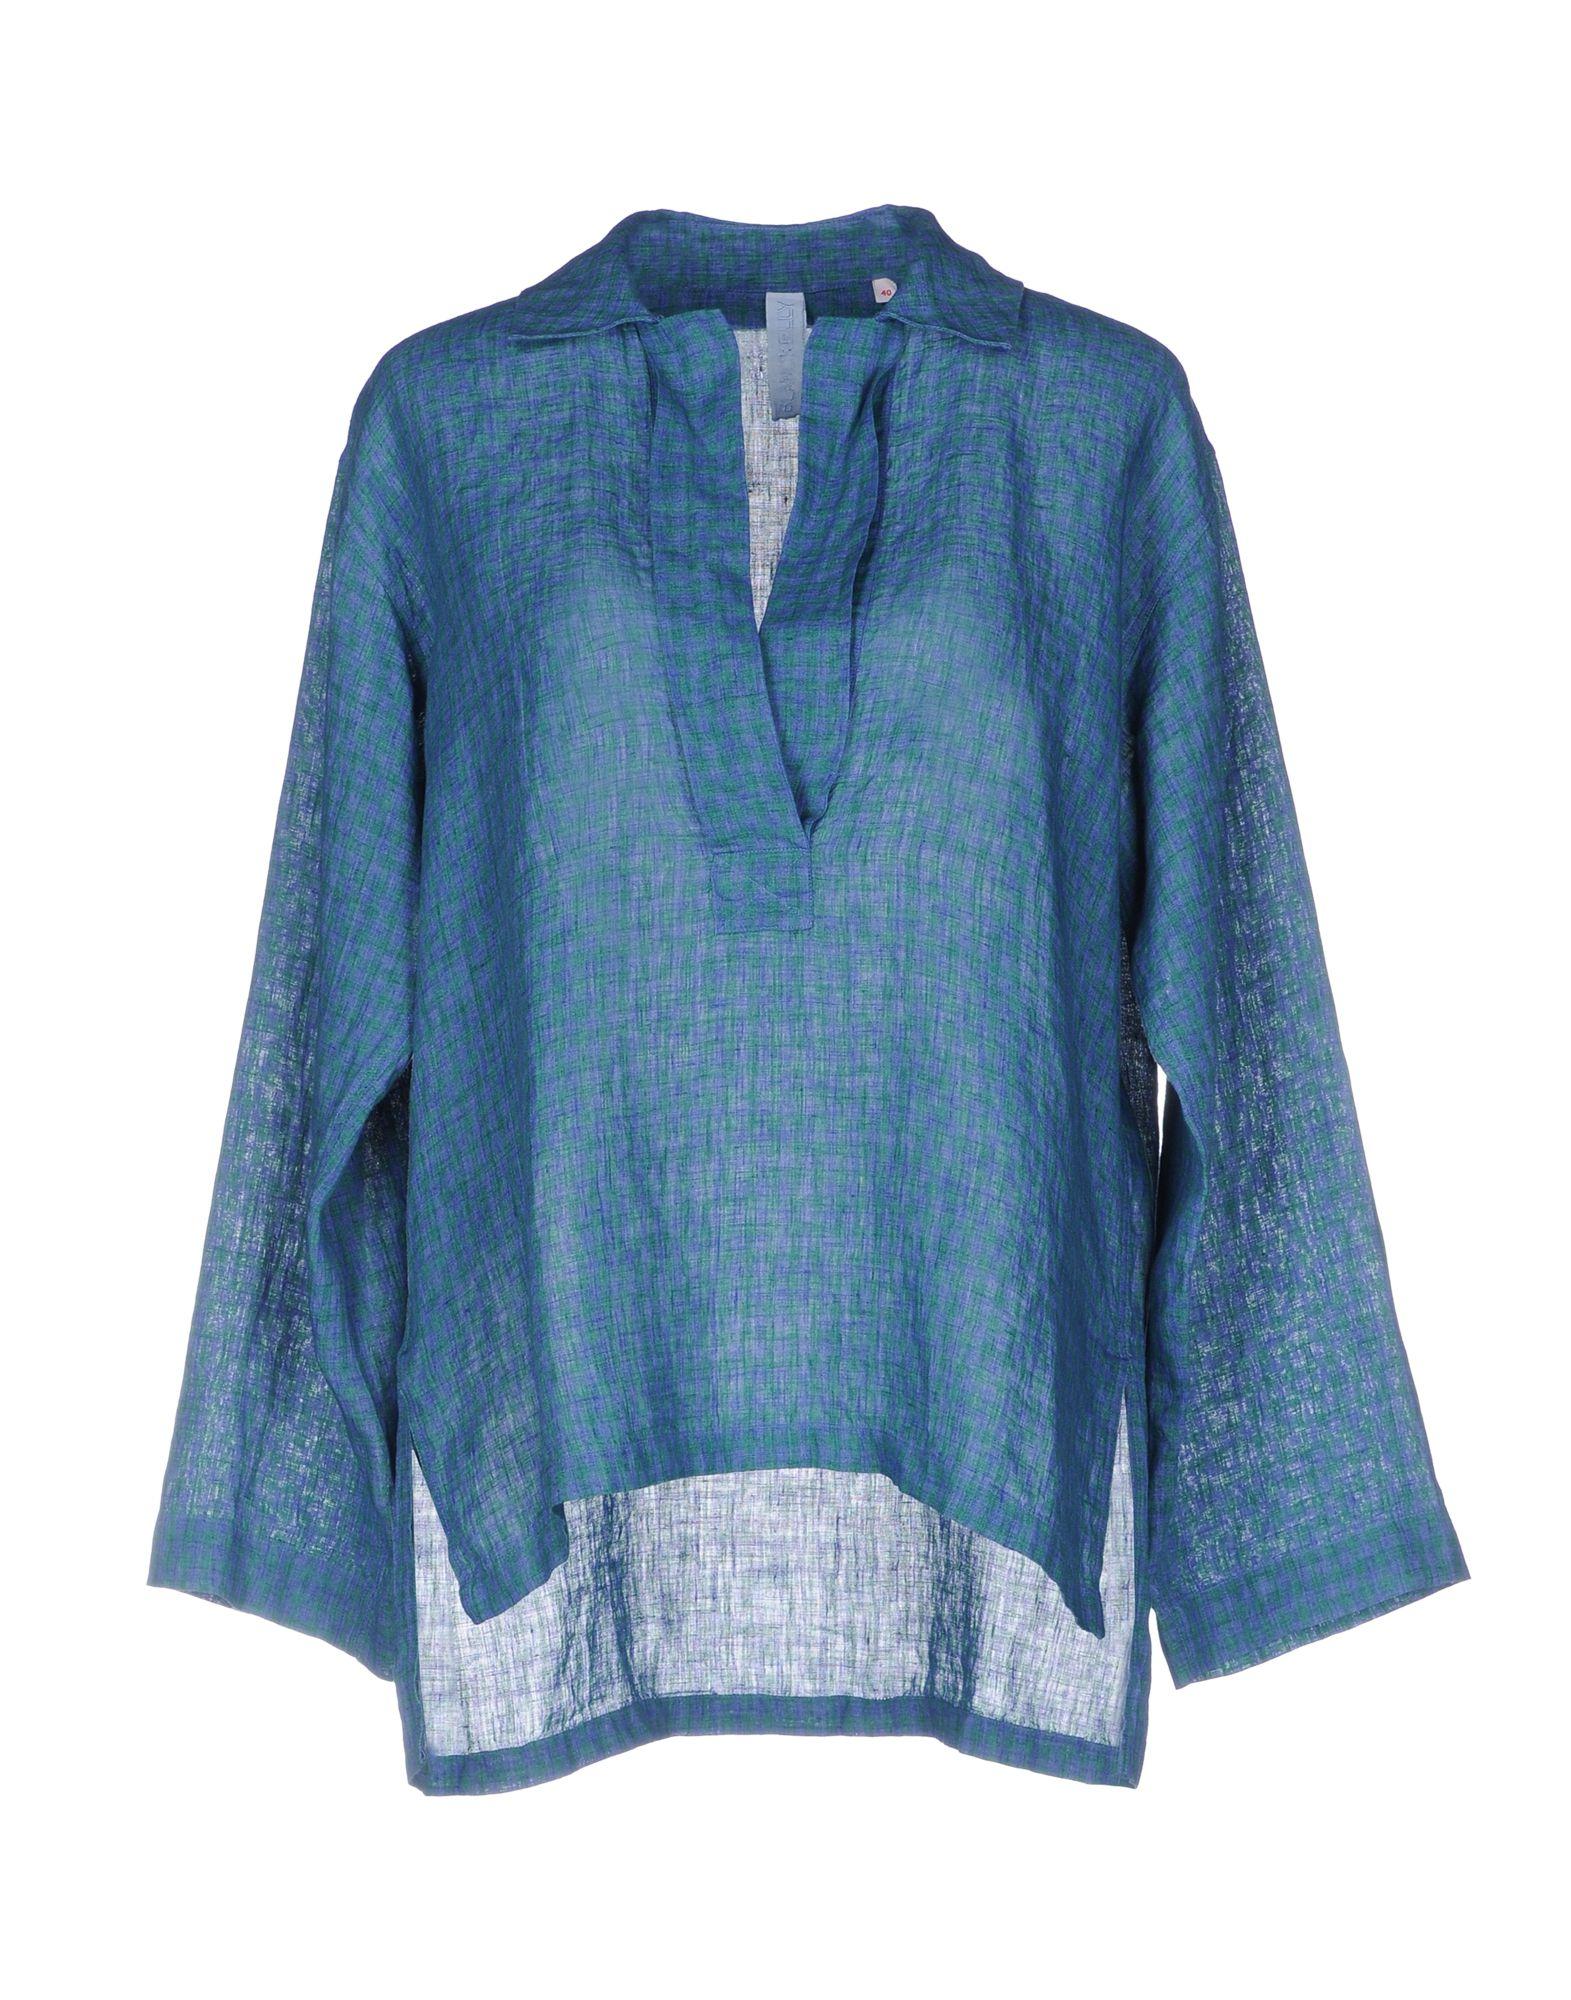 где купить BLANCKELLY Блузка по лучшей цене